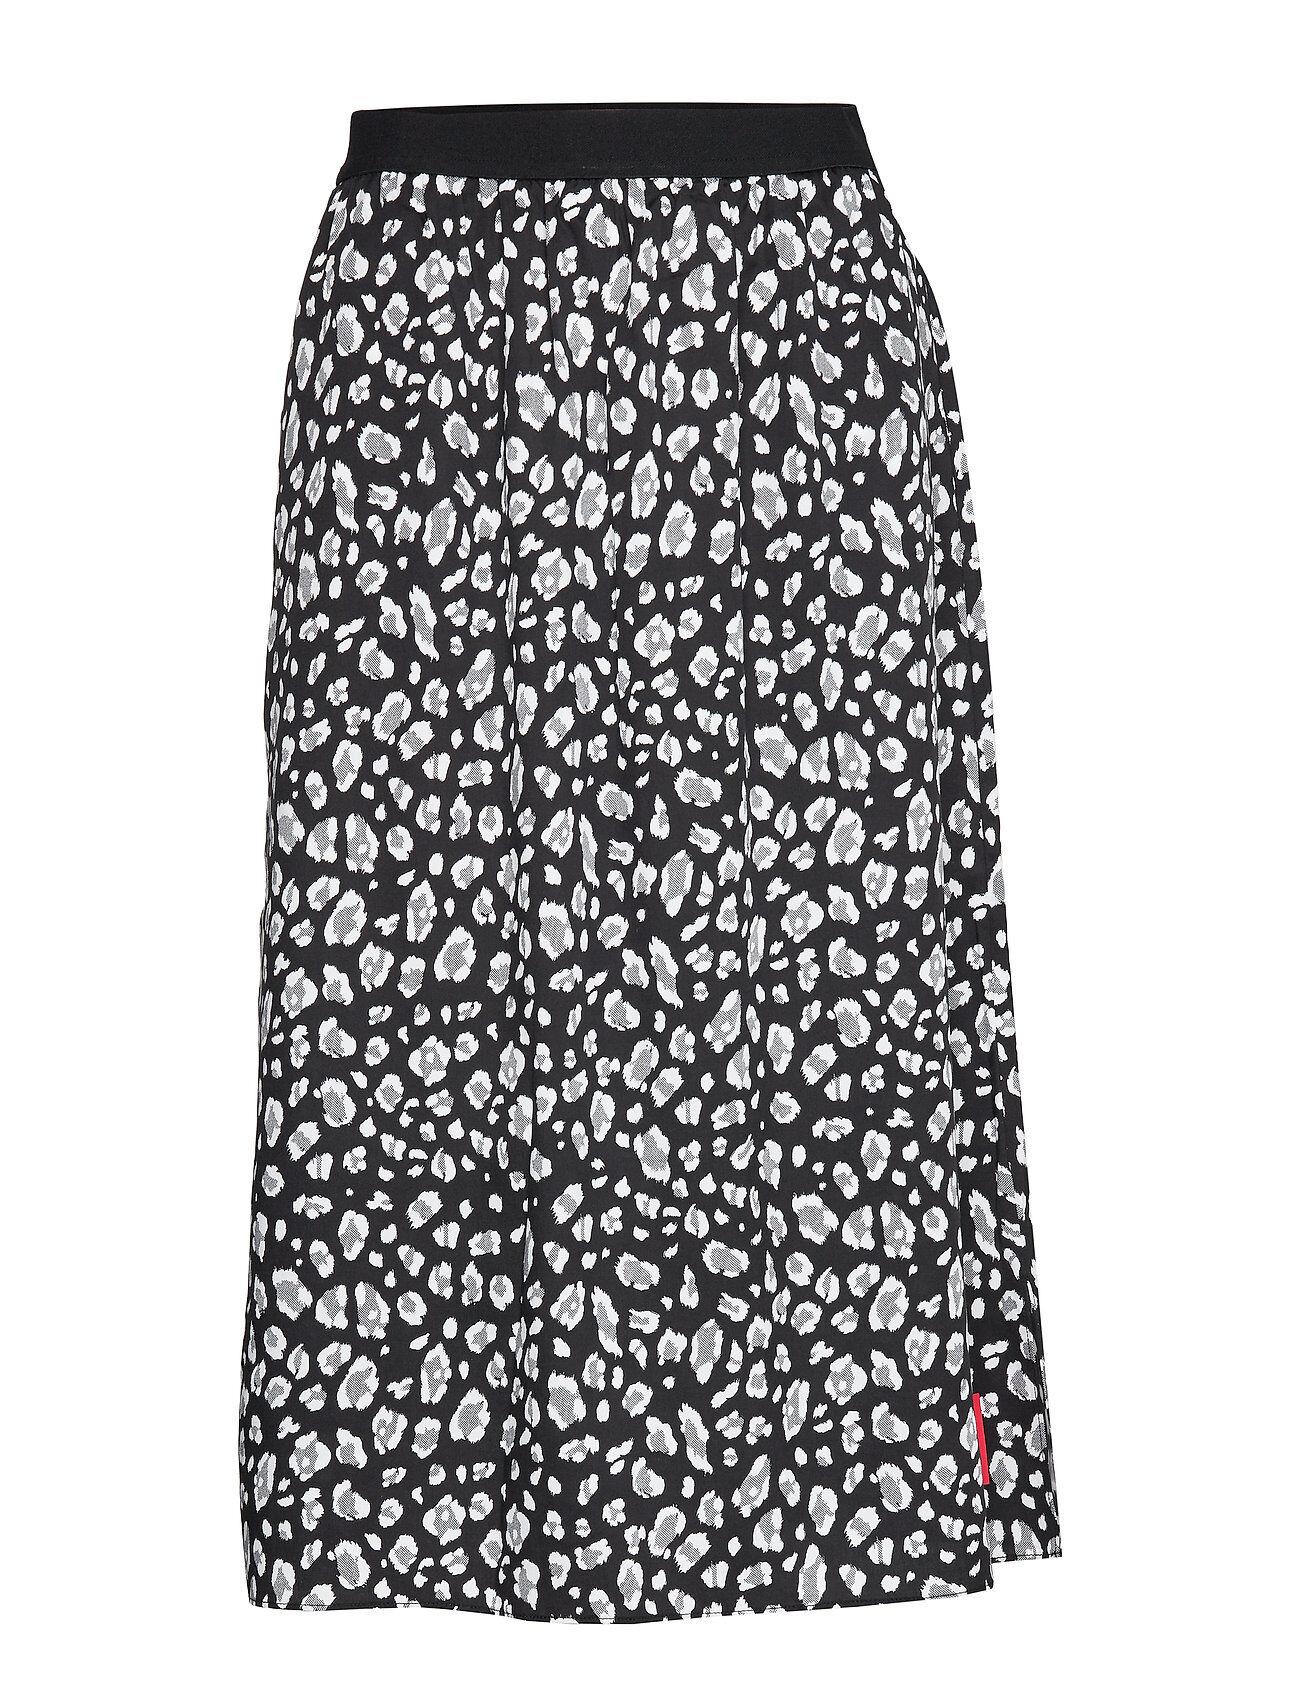 Image of Calvin Animal Print Midi Skirt Polvipituinen Hame Monivärinen/Kuvioitu Calvin Klein Jeans